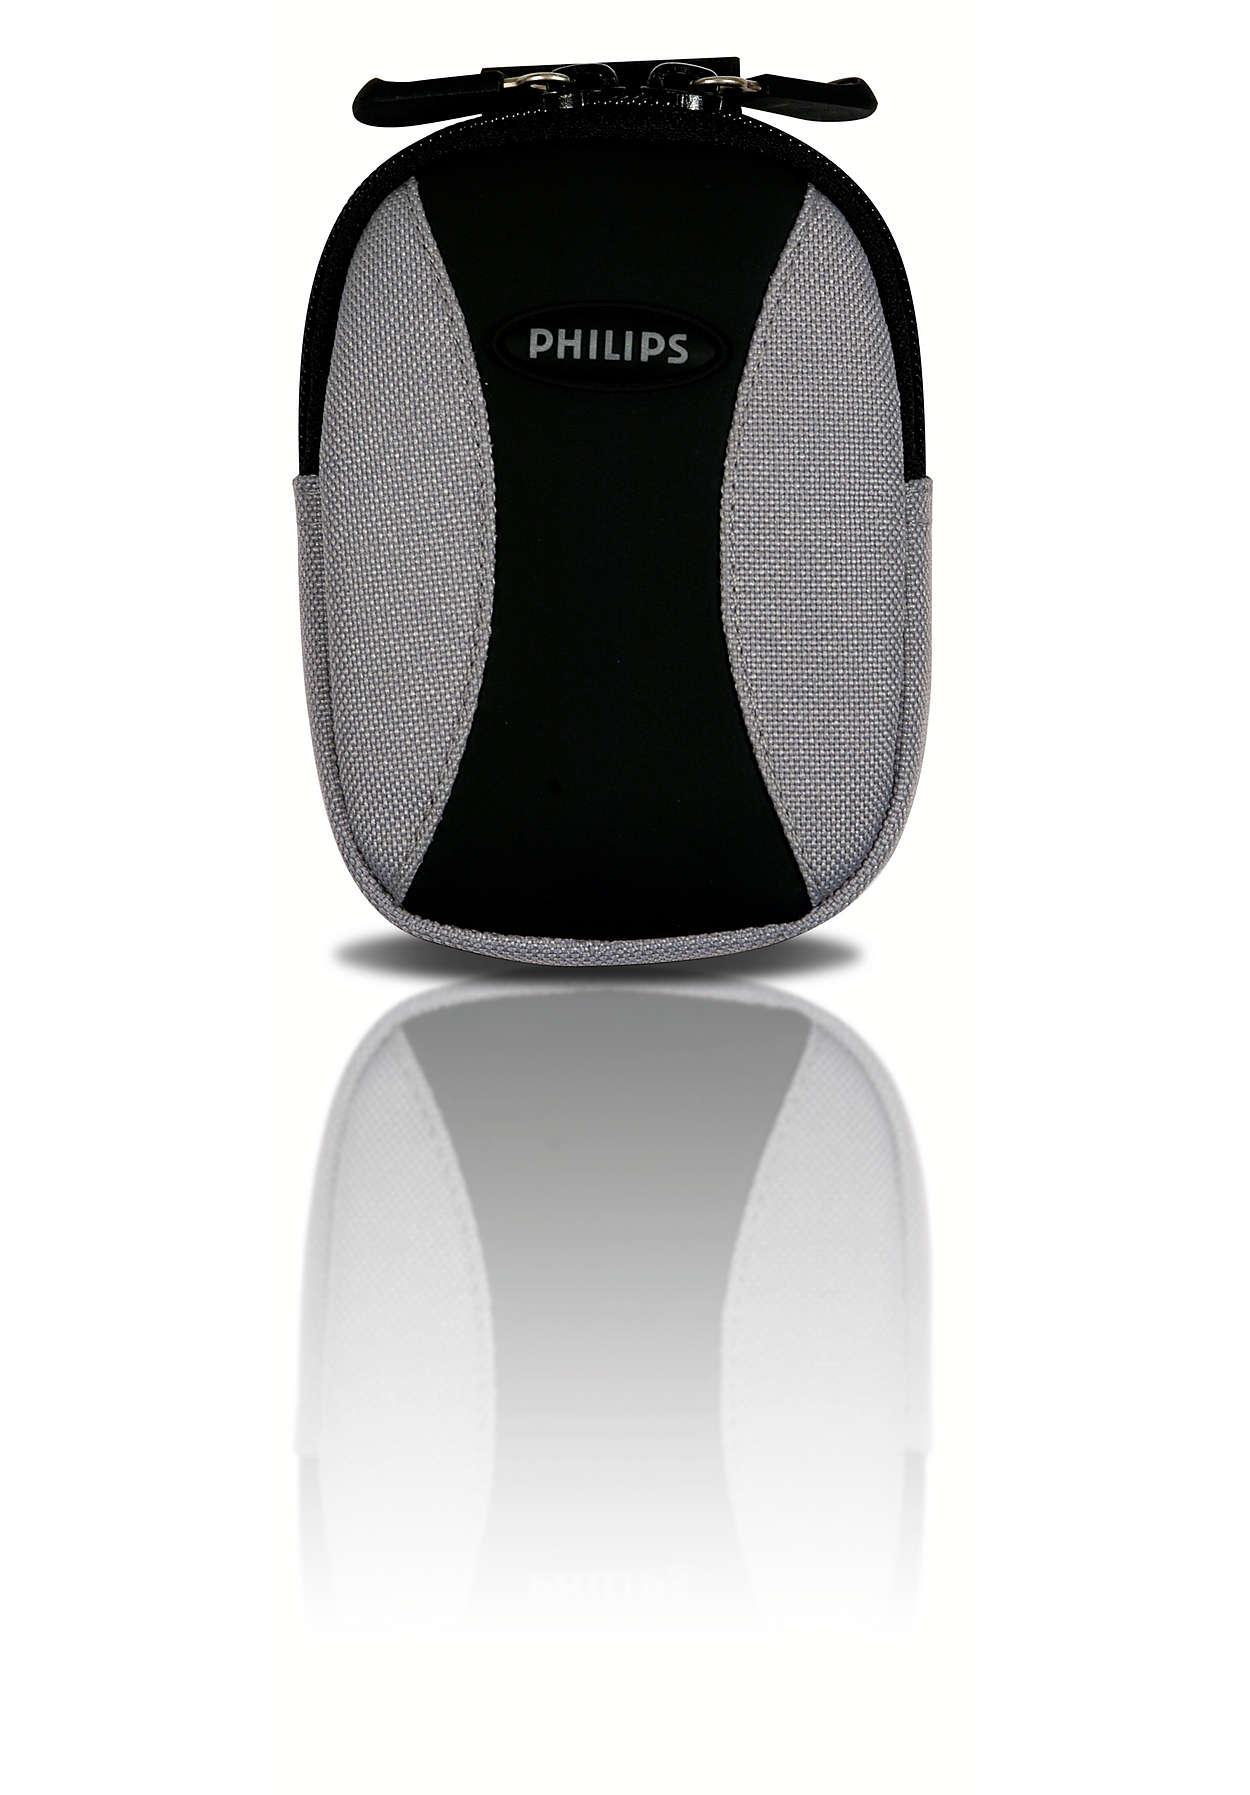 Uw MP3-speler meenemen en beschermen